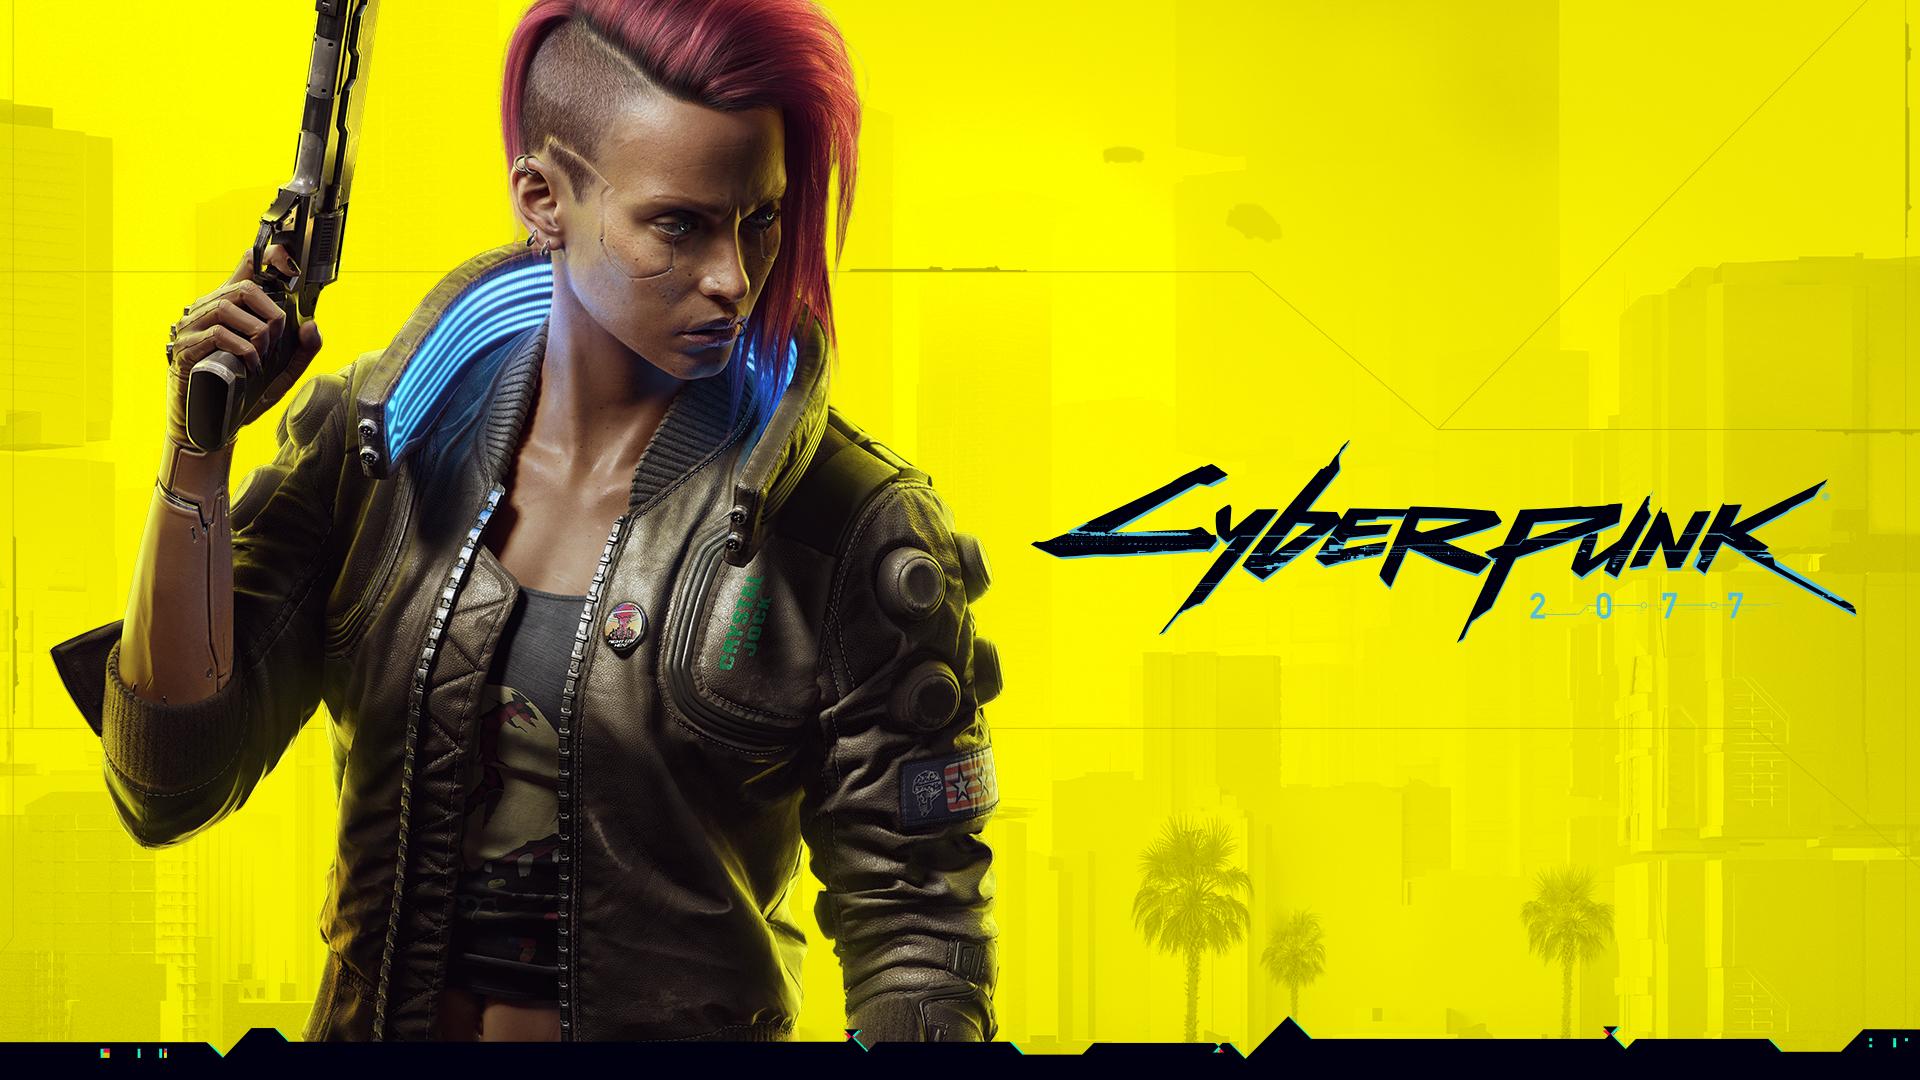 Imorgon bjussar vi på intryck från Cyberpunk 2077